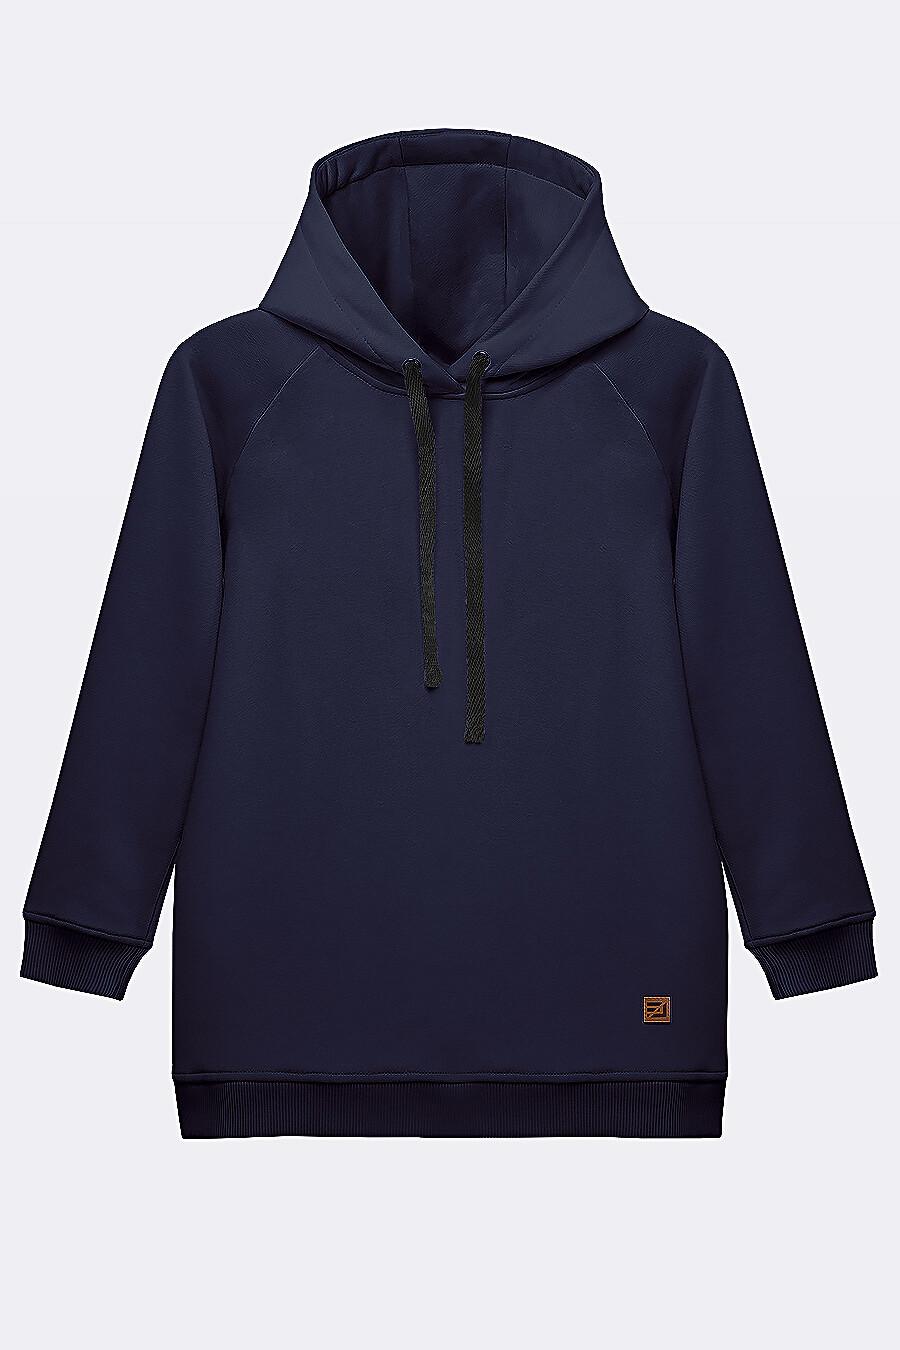 Костюм(Худи+Брюки) для мальчиков EZANNA 682706 купить оптом от производителя. Совместная покупка детской одежды в OptMoyo